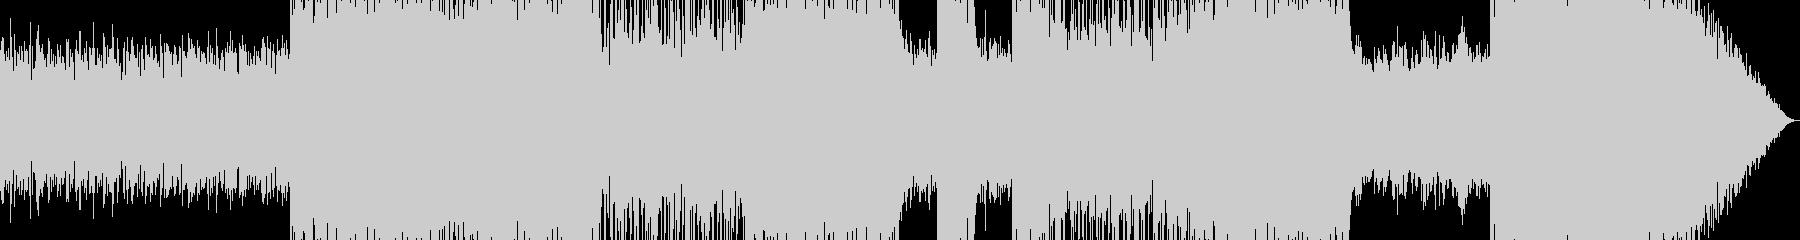 Aphex Twin ドラムンベースの未再生の波形